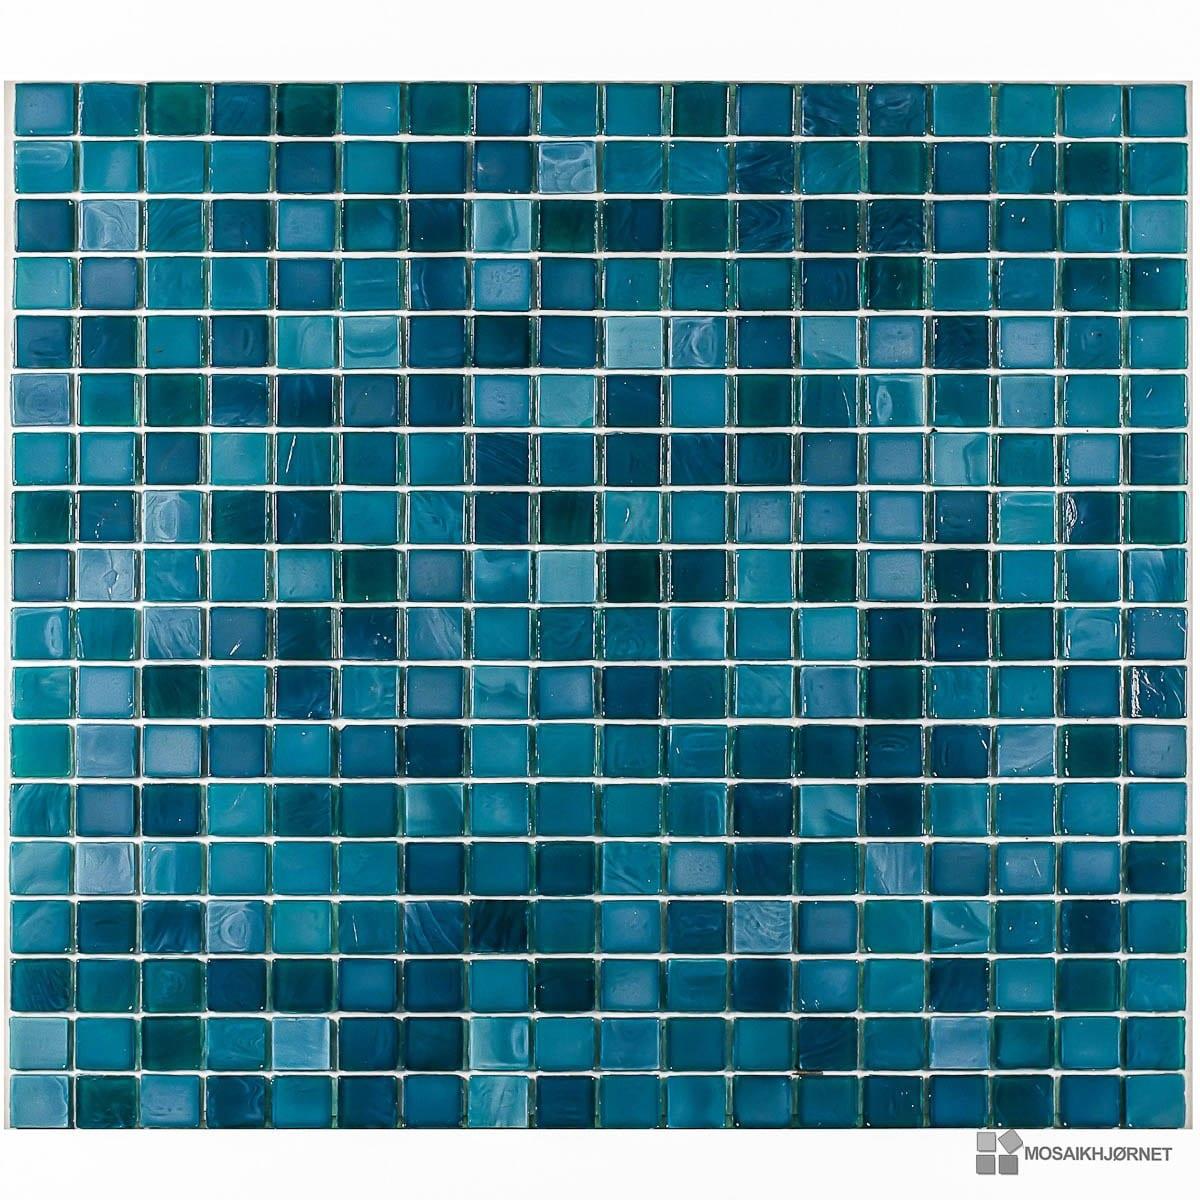 Glasmosaik petrolium 1 5x1 5 mosaikhj rnet fliser - Mosaik fliesen turkis ...